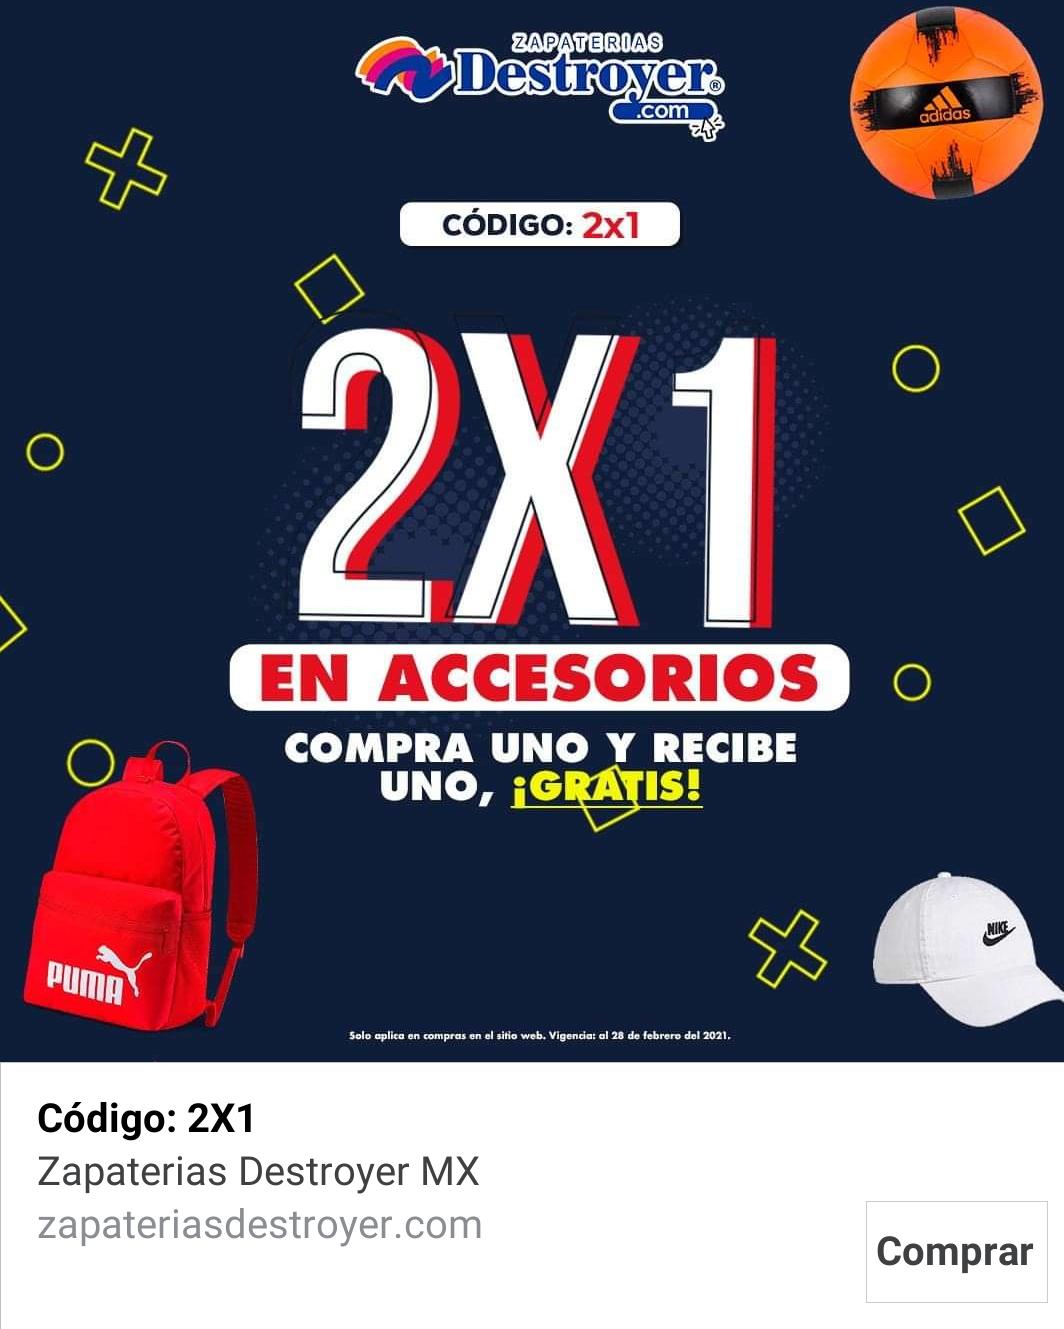 Destroyer Zapaterías 2x1 en accesorios